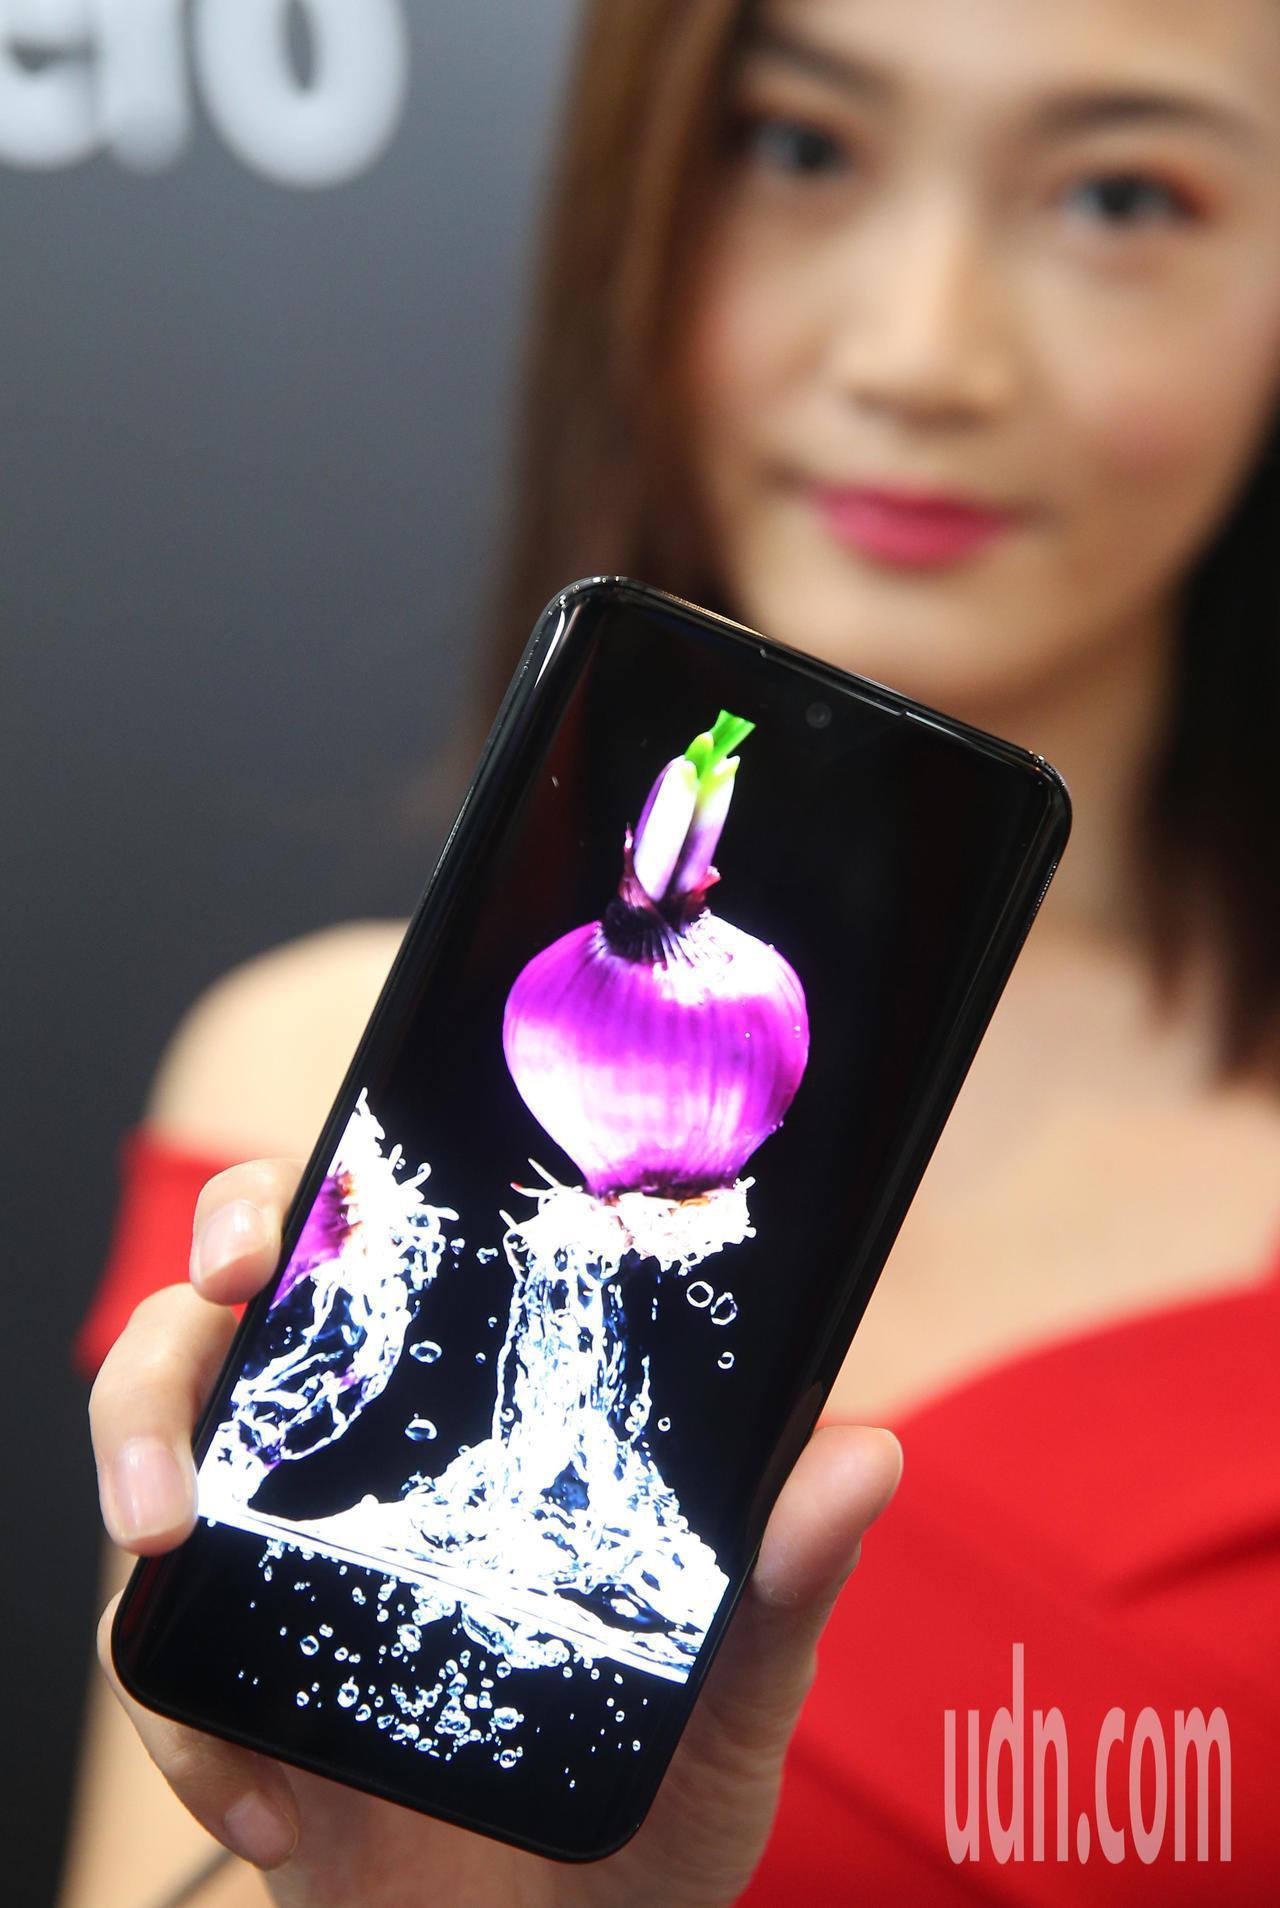 夏普旗下首款採用 OLED 的智慧型手機AQUOS Zero 。記者陳正興/攝影